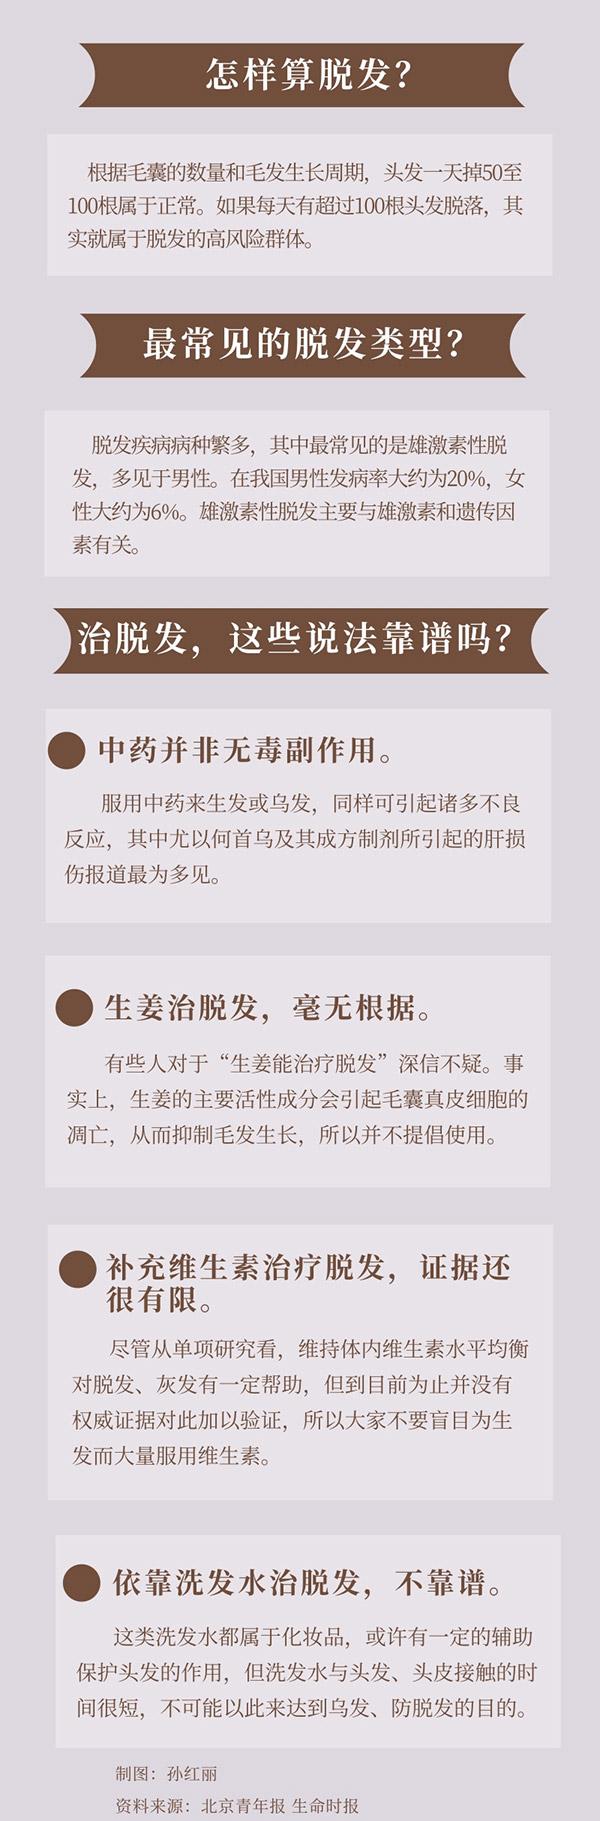 """摩臣3代理防治脱发:生姜、维生素、洗发水……这些""""偏方""""靠谱吗?"""